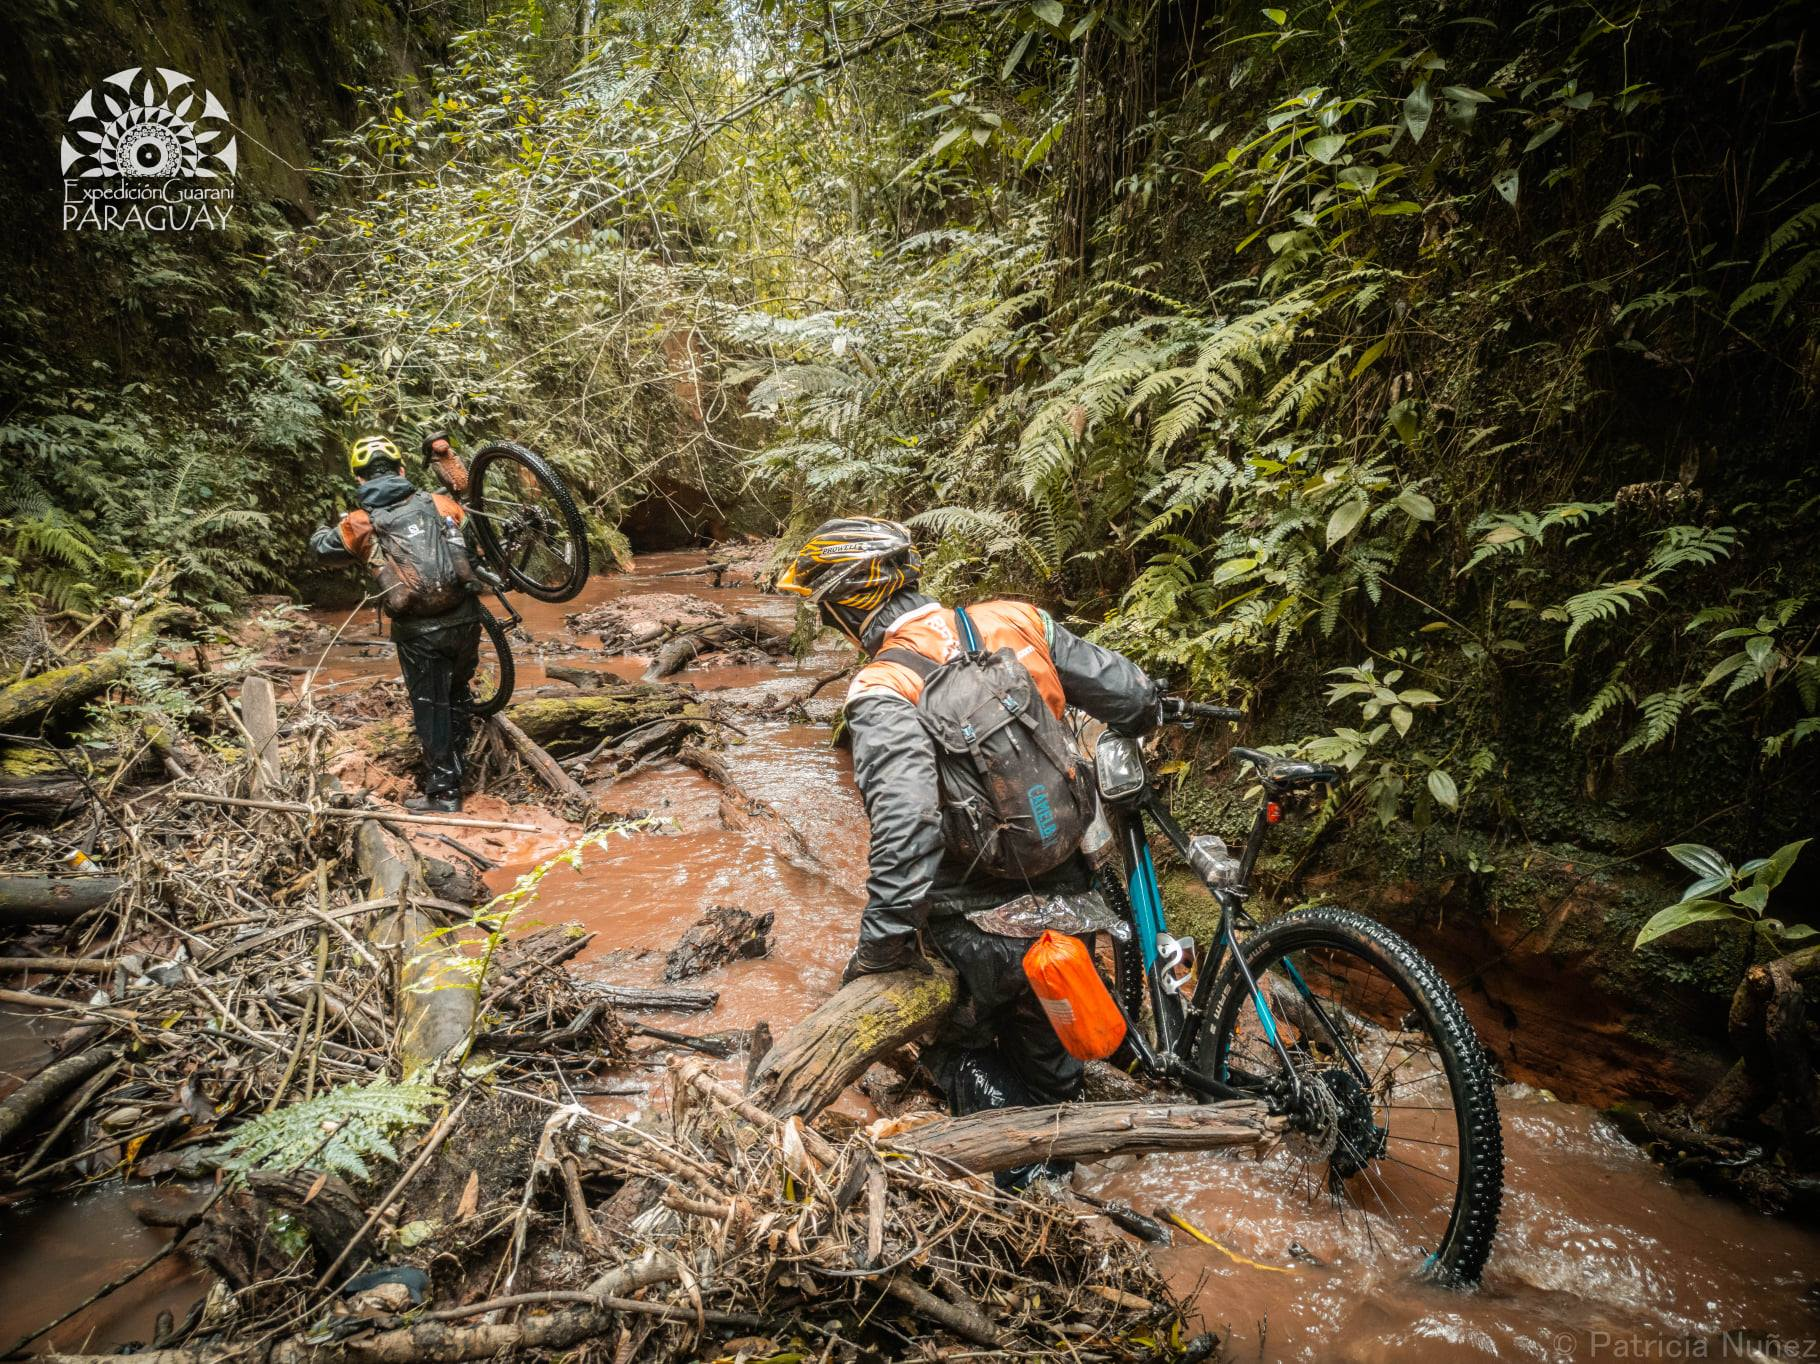 Difficult biking terrain